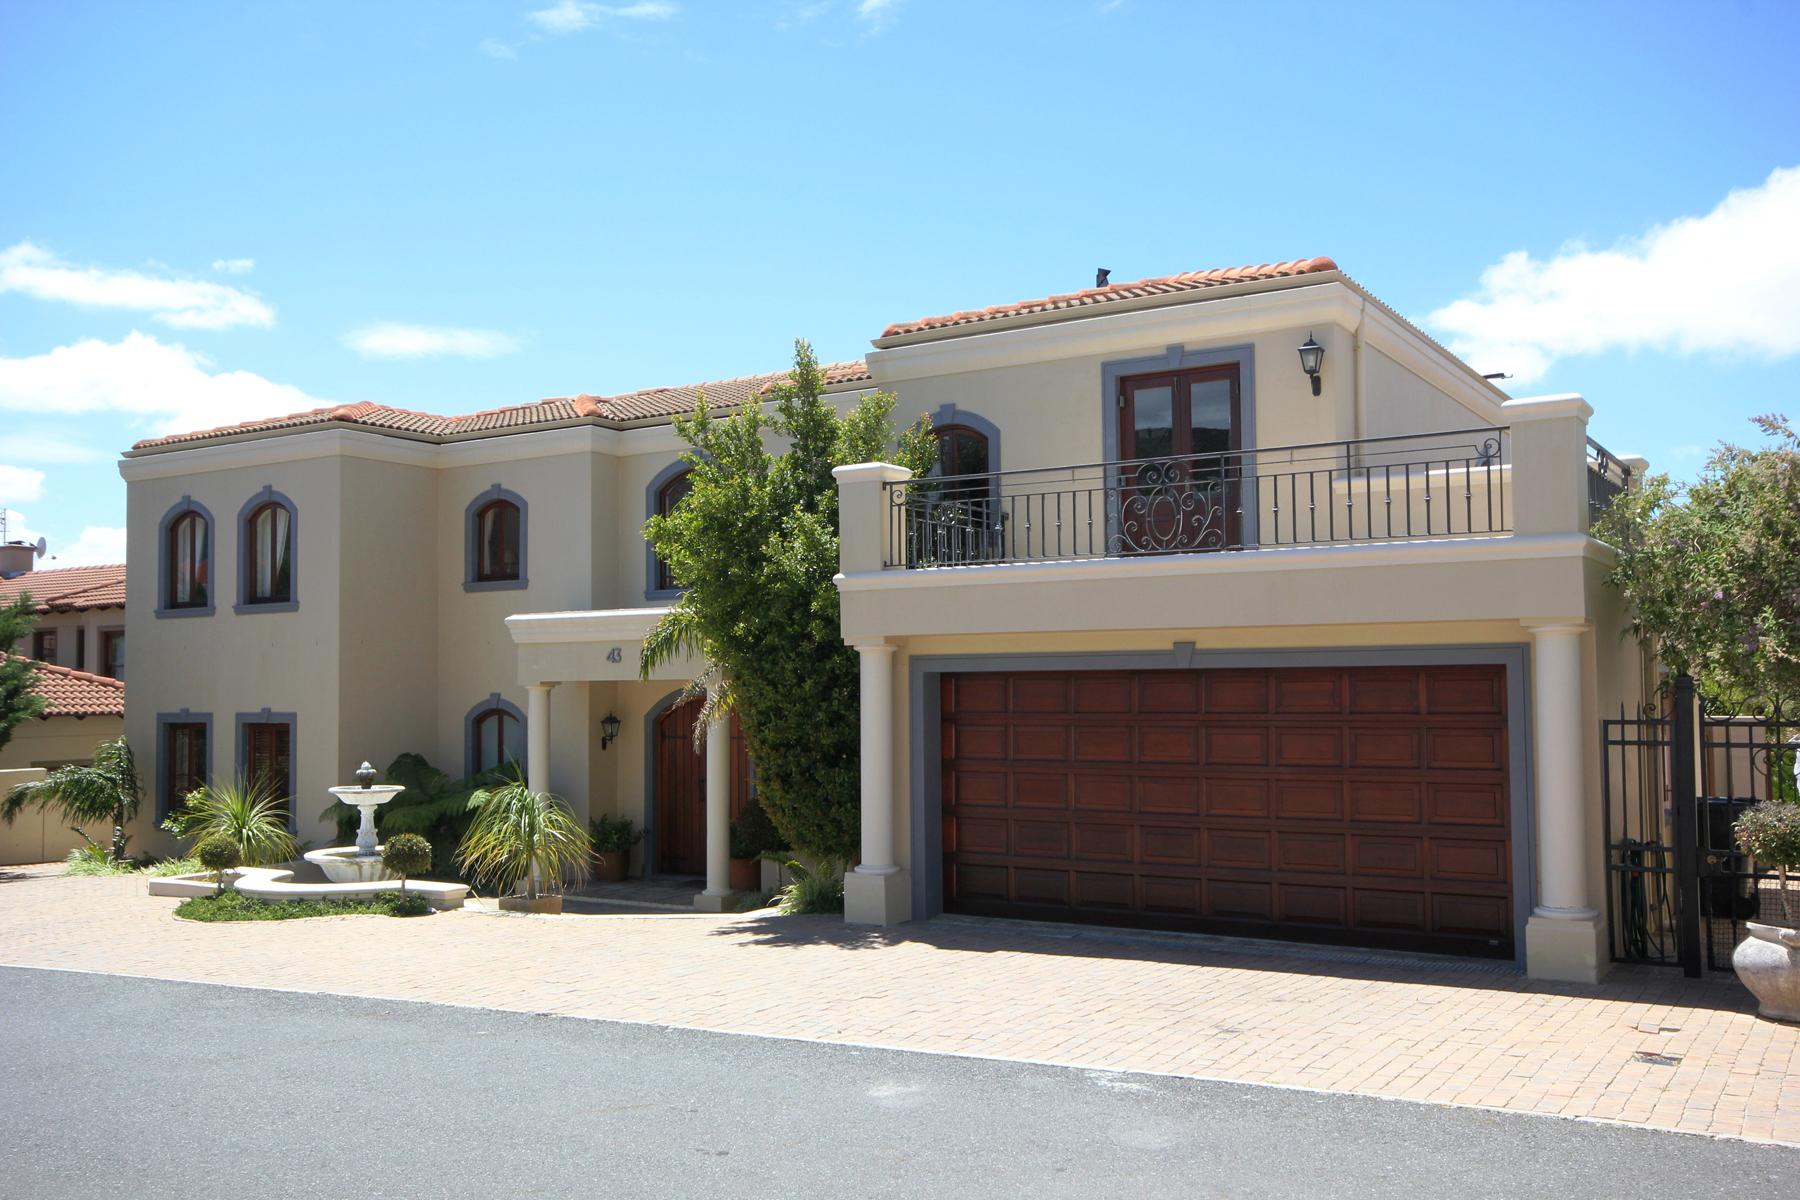 独户住宅 为 销售 在 Tokai 开普敦, 西开普省, 7945 南非